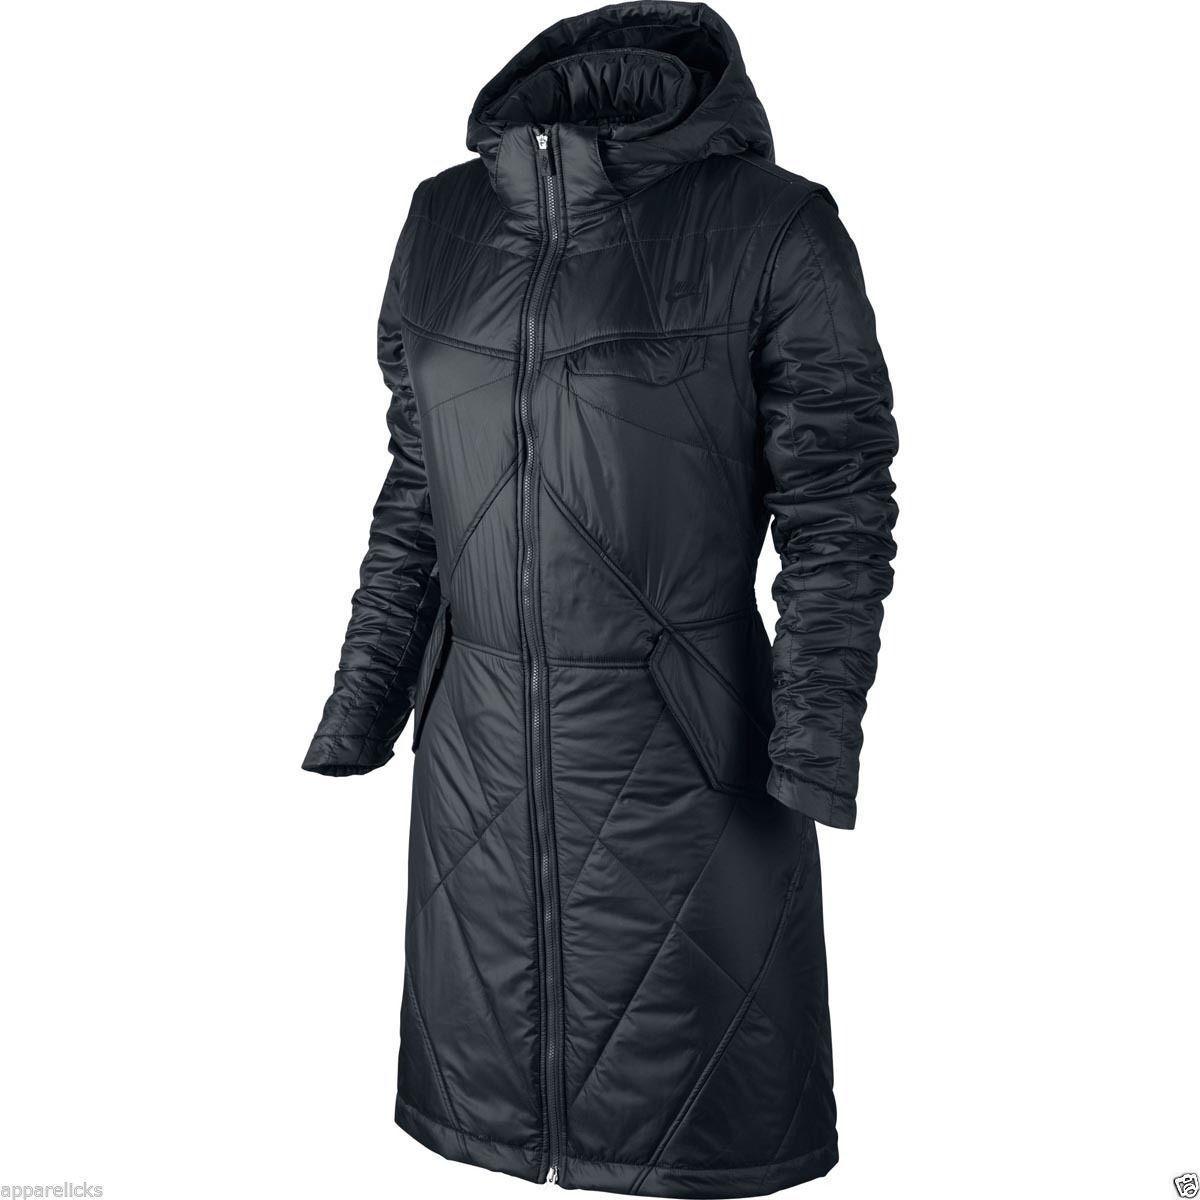 Nike winter jackets for women